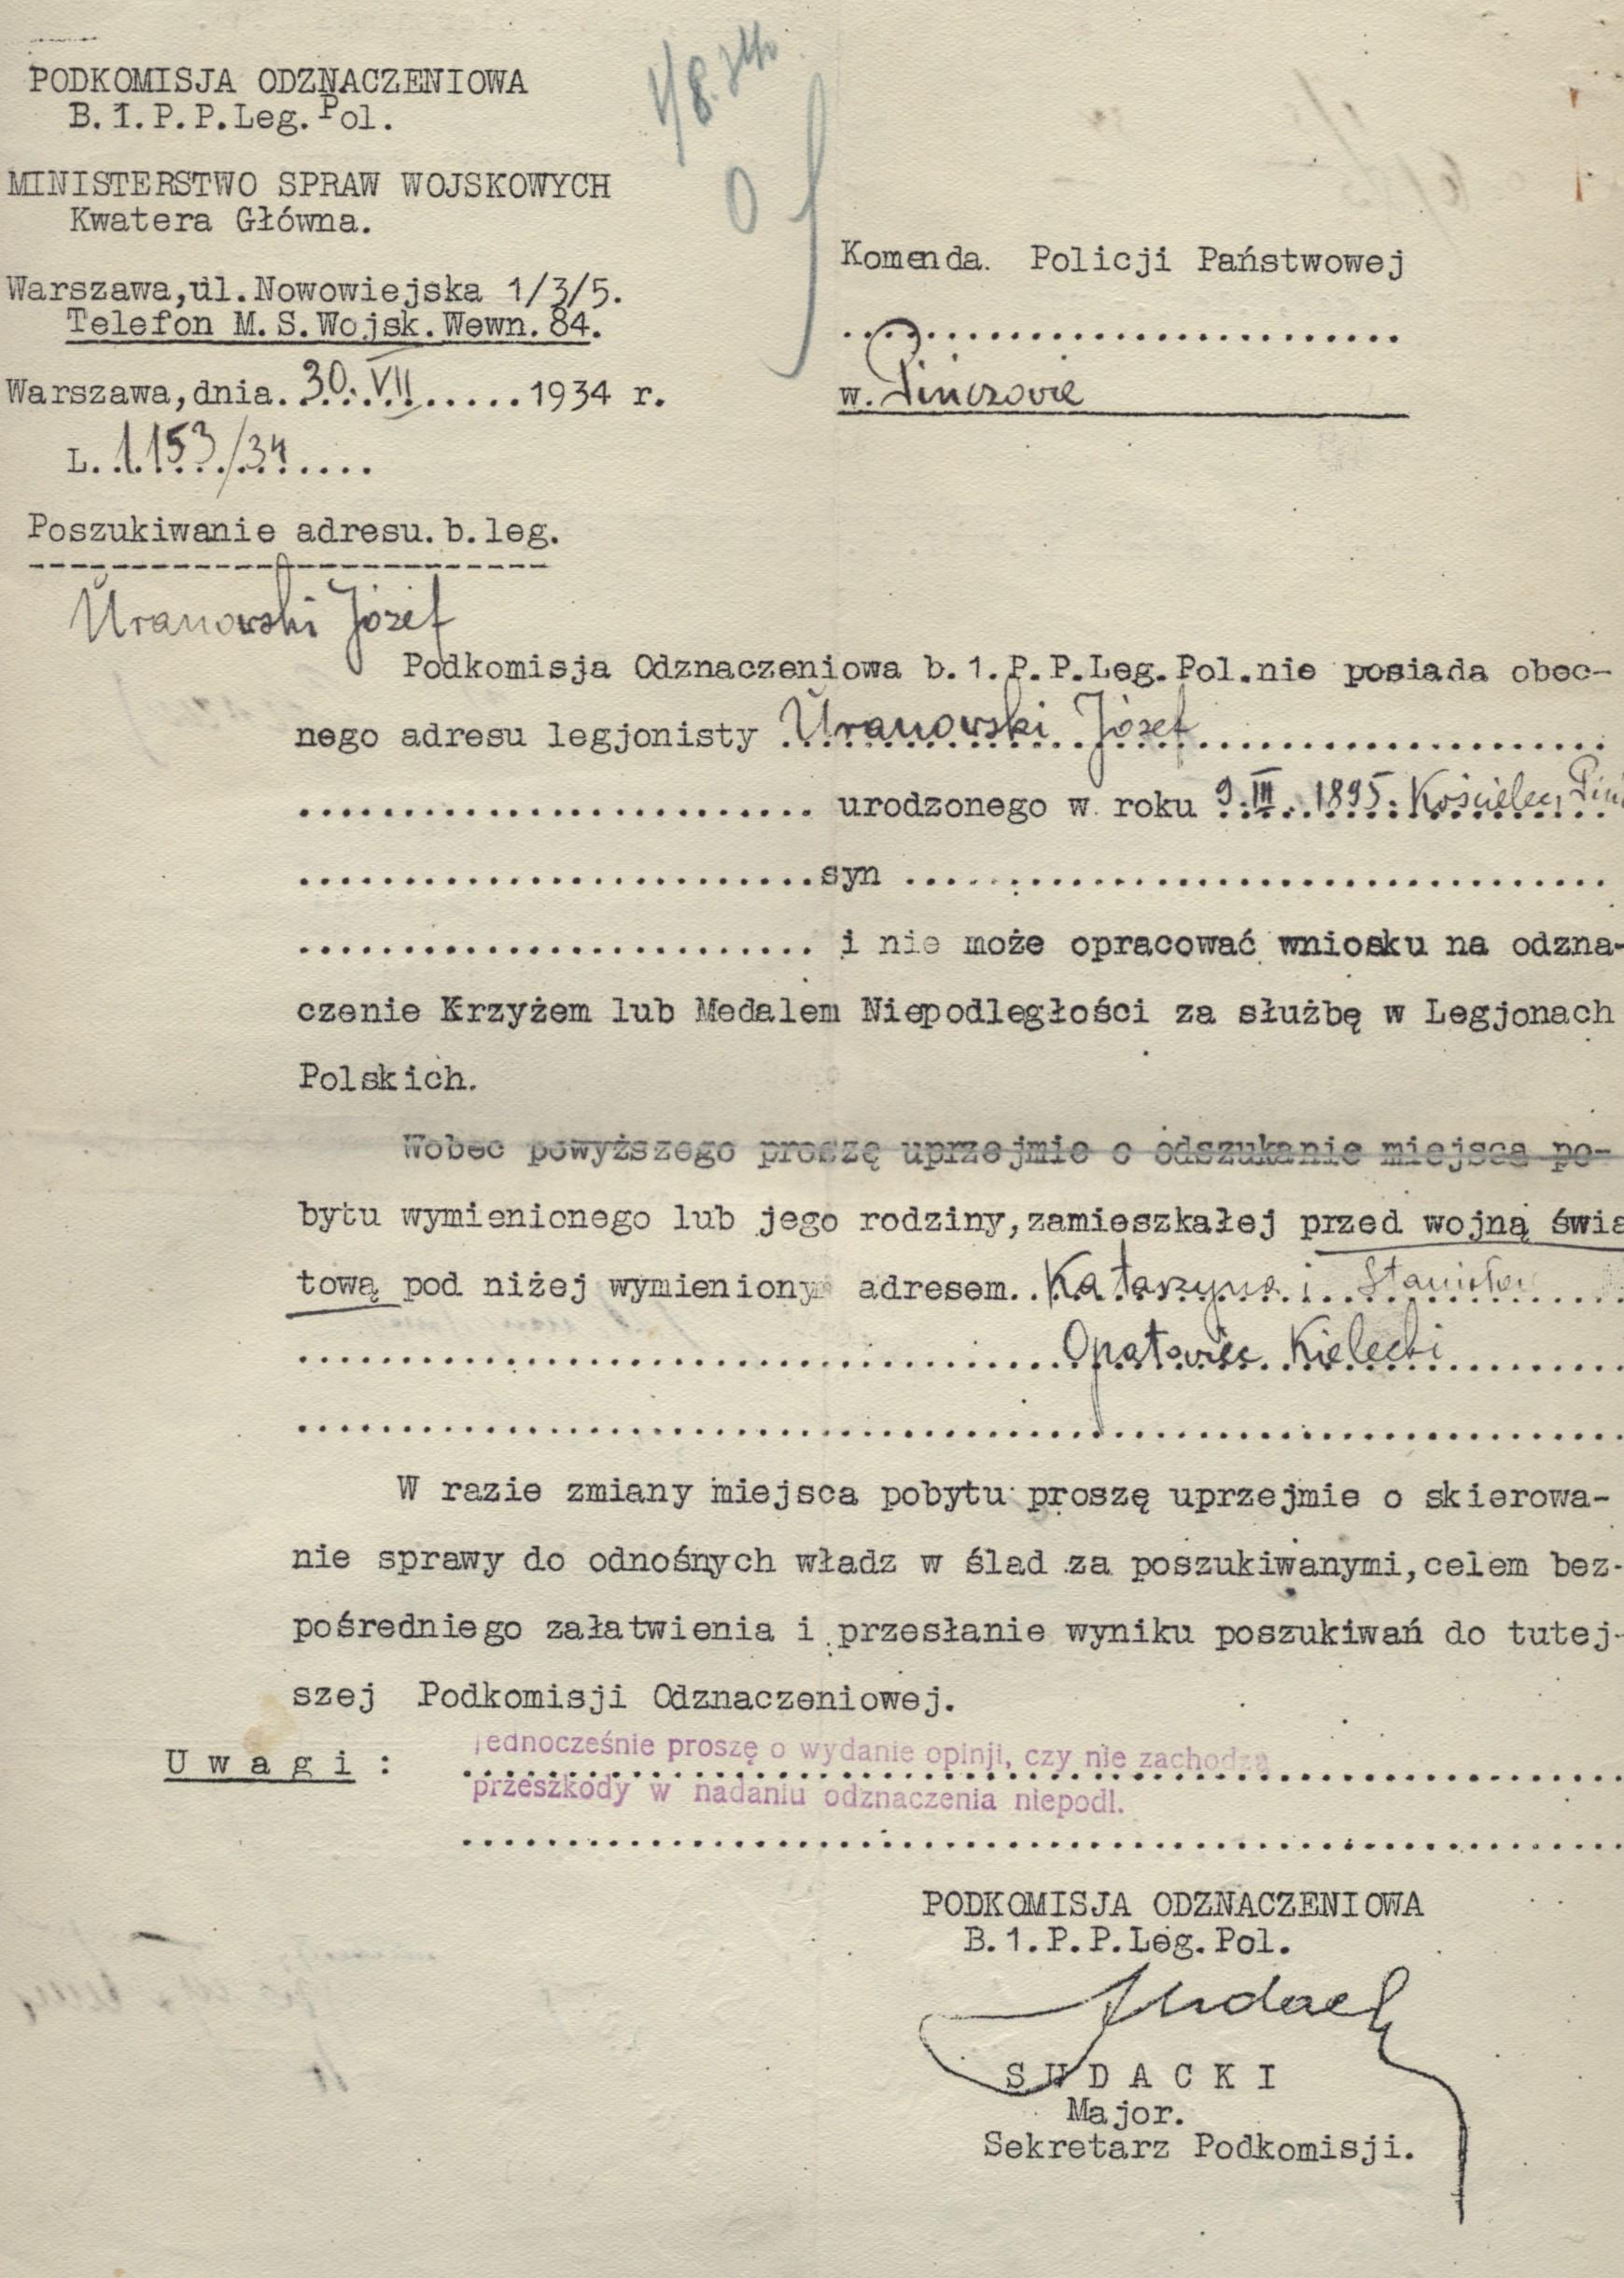 Pismo do Komendy Policji Państwowej w Pińczowie o ustalenie adresu Uranowskiego